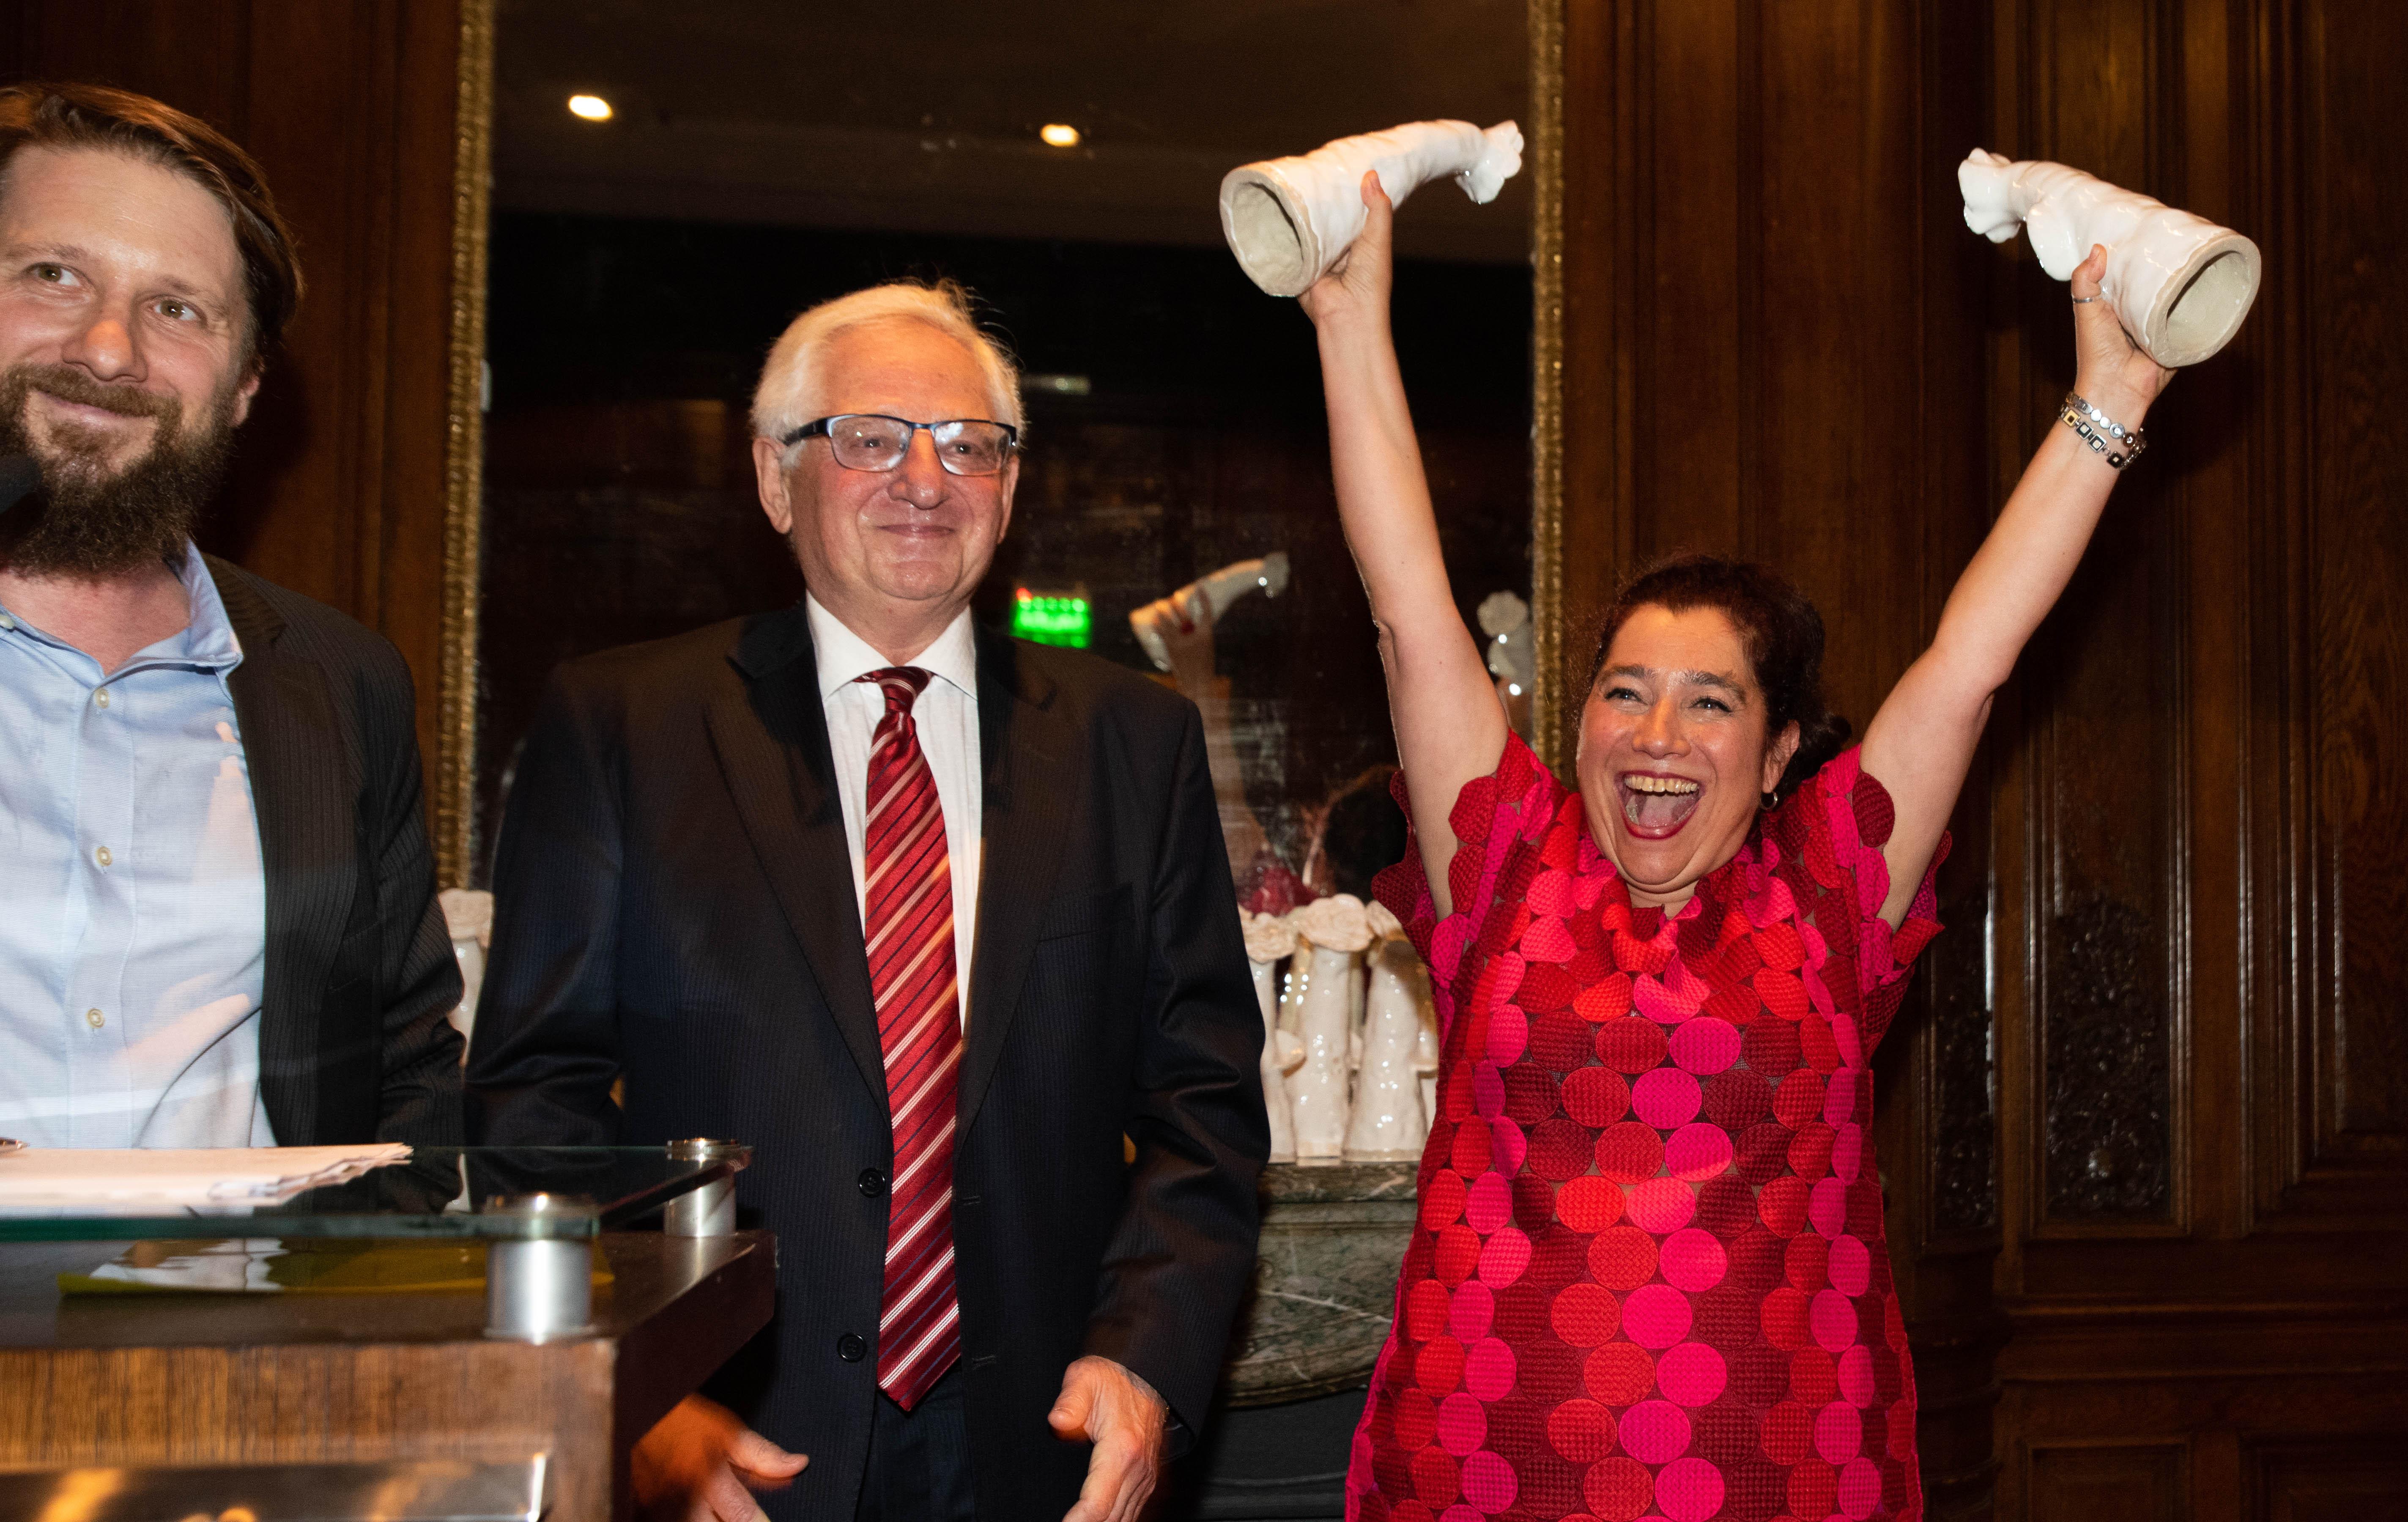 La alegría de Mariela Ivanier durante la ceremonia de entrega de premios, acompañada por Hugo Ivanier